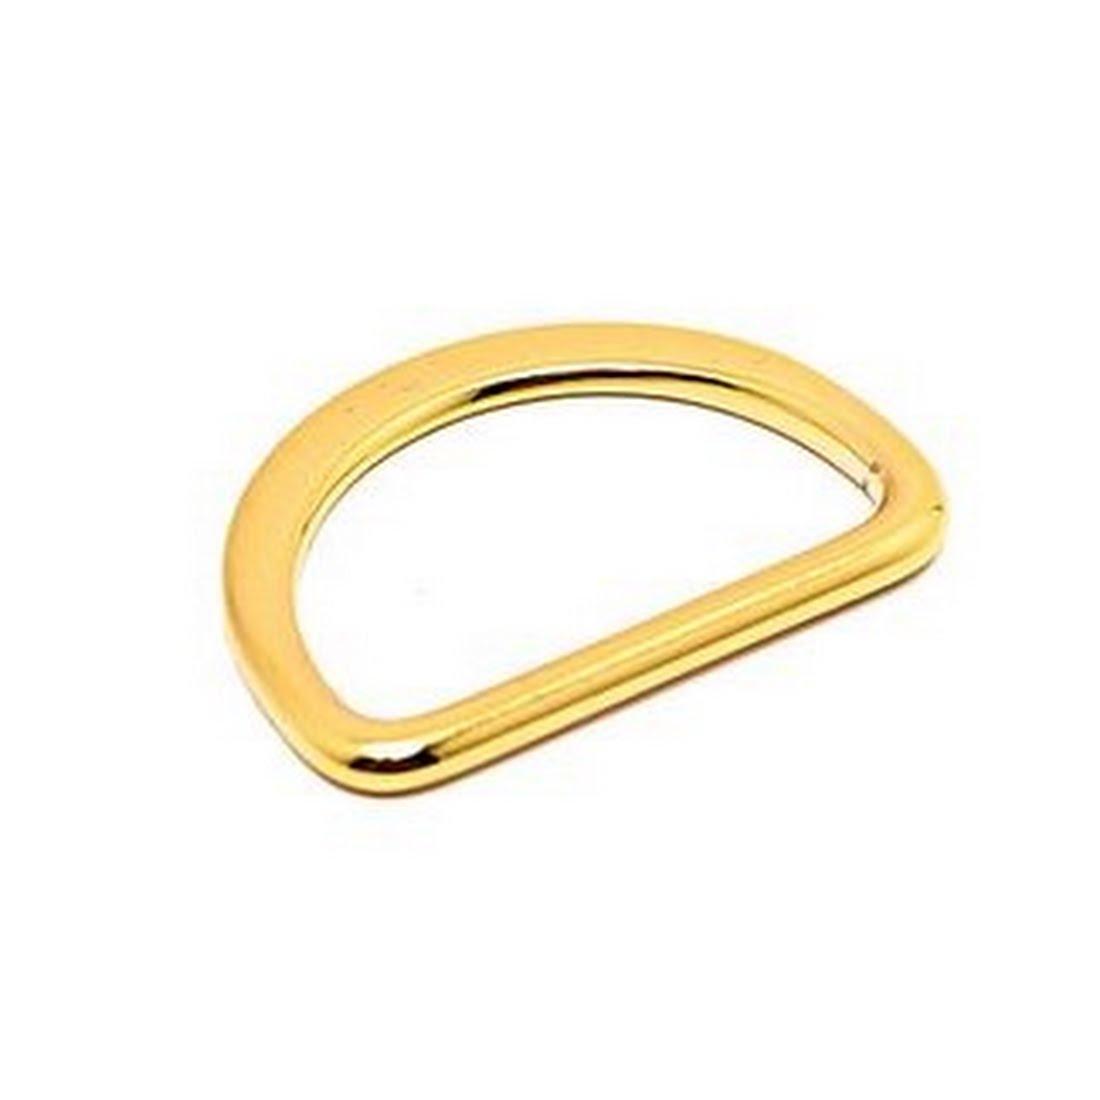 Taschenzubehör - D-Ring GOLD 40mm